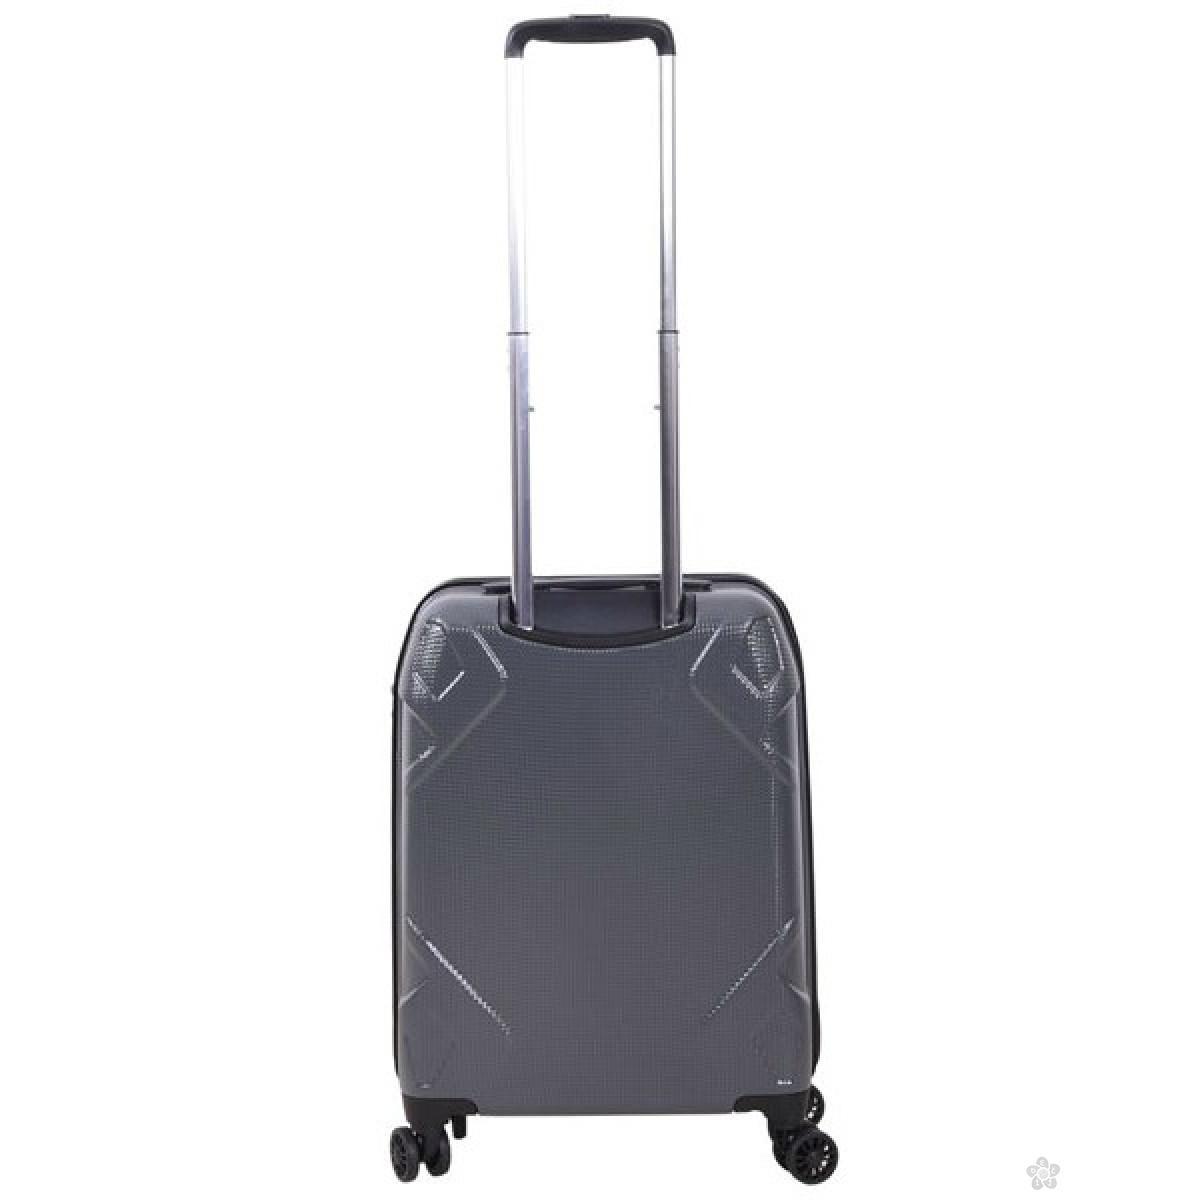 Kofer Pulse Soho sivi 20inch X21163